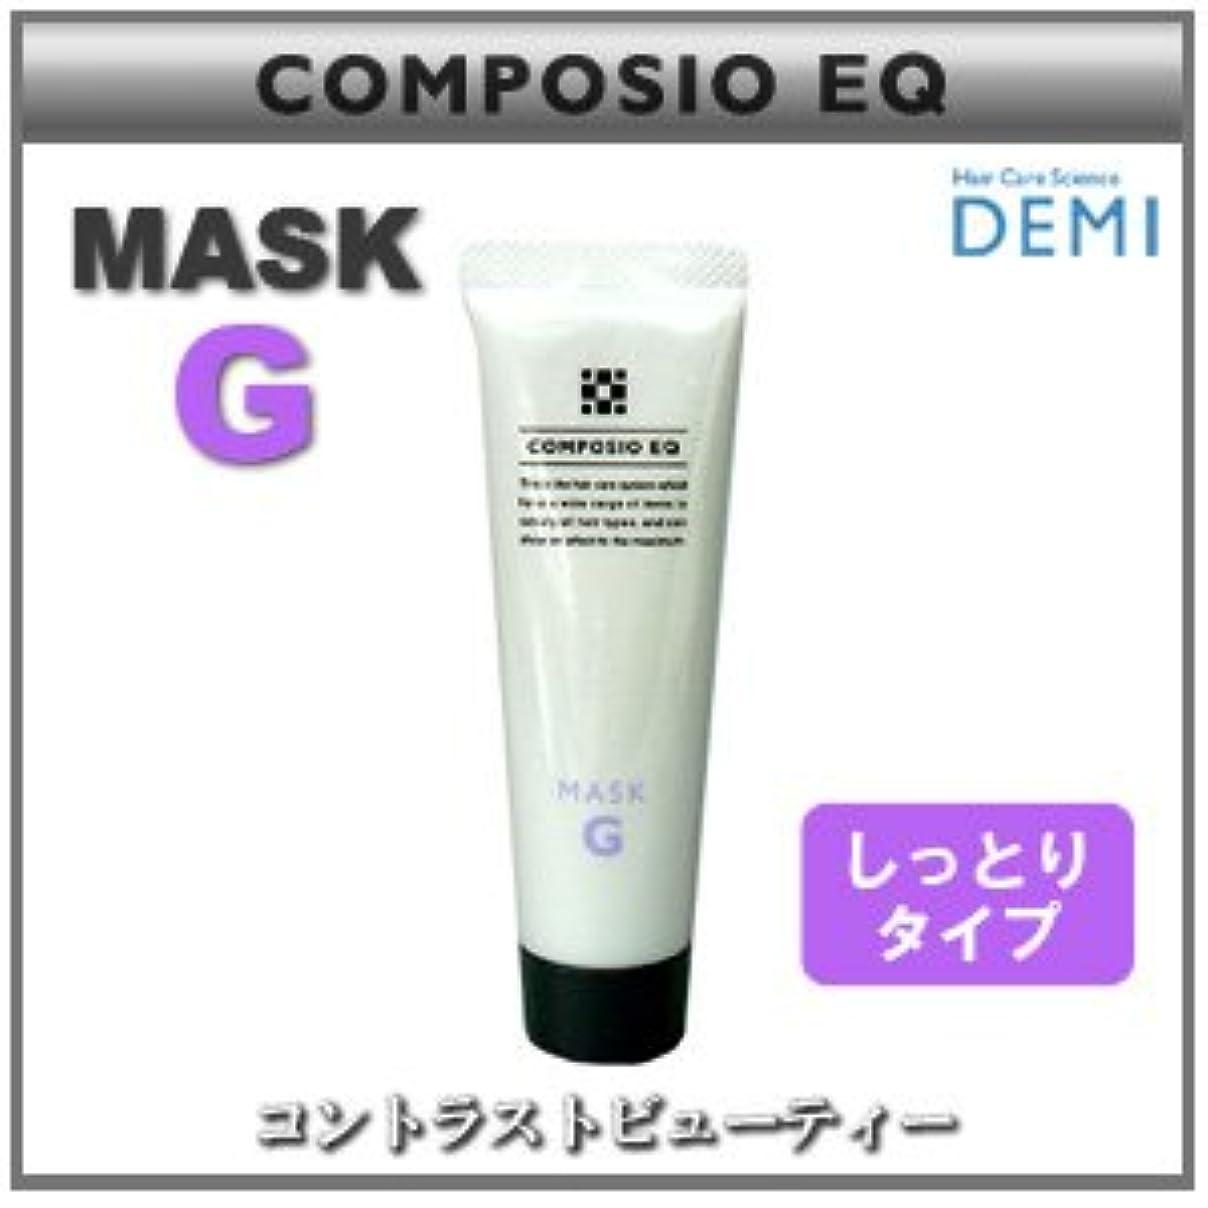 敵手荷物農業【X4個セット】 デミ コンポジオ EQ マスク G 50g